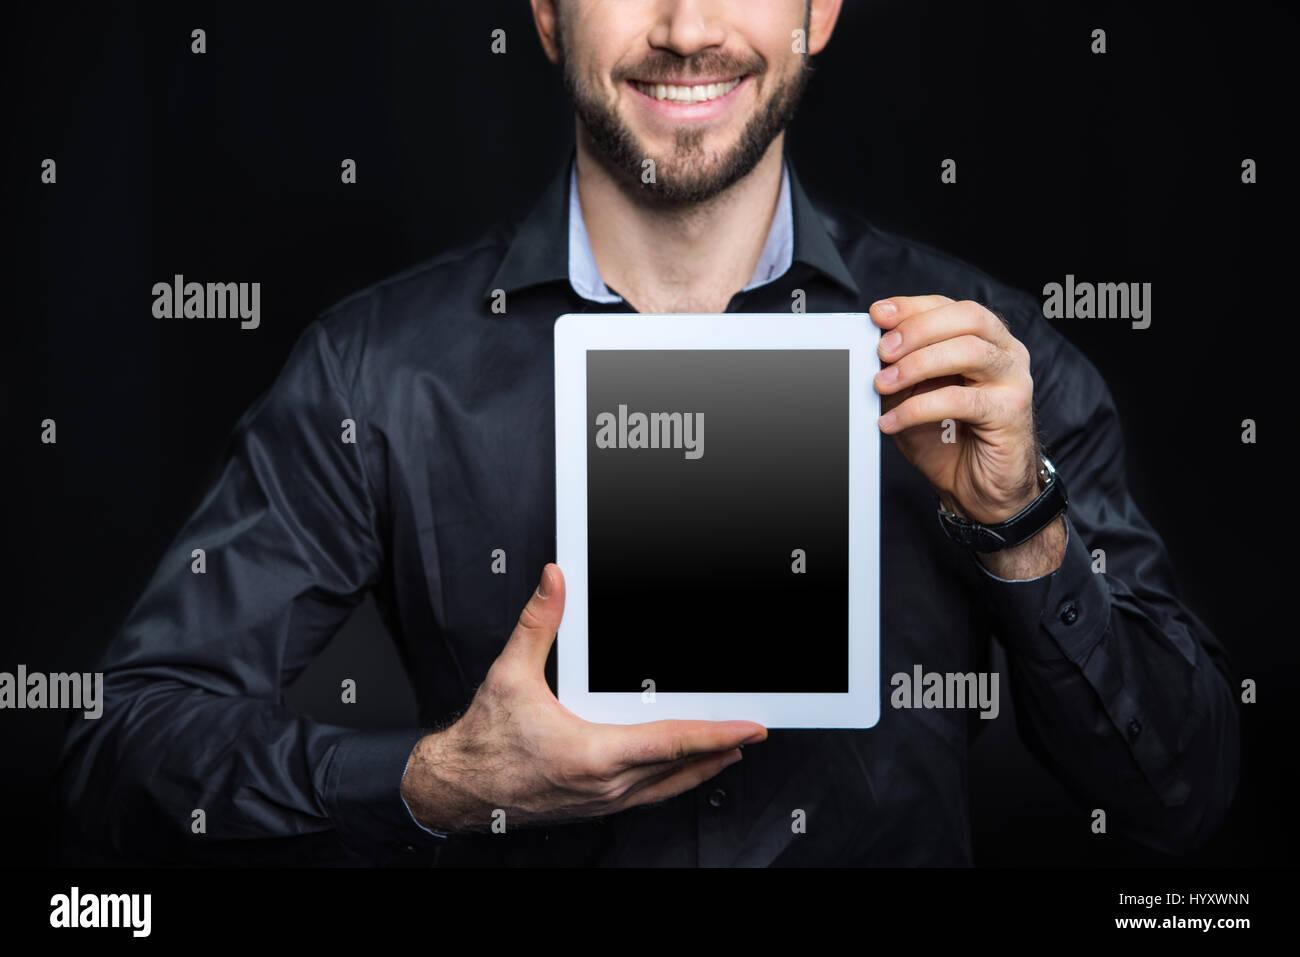 Vista parcial del hombre sonriente mostrando tableta digital Imagen De Stock